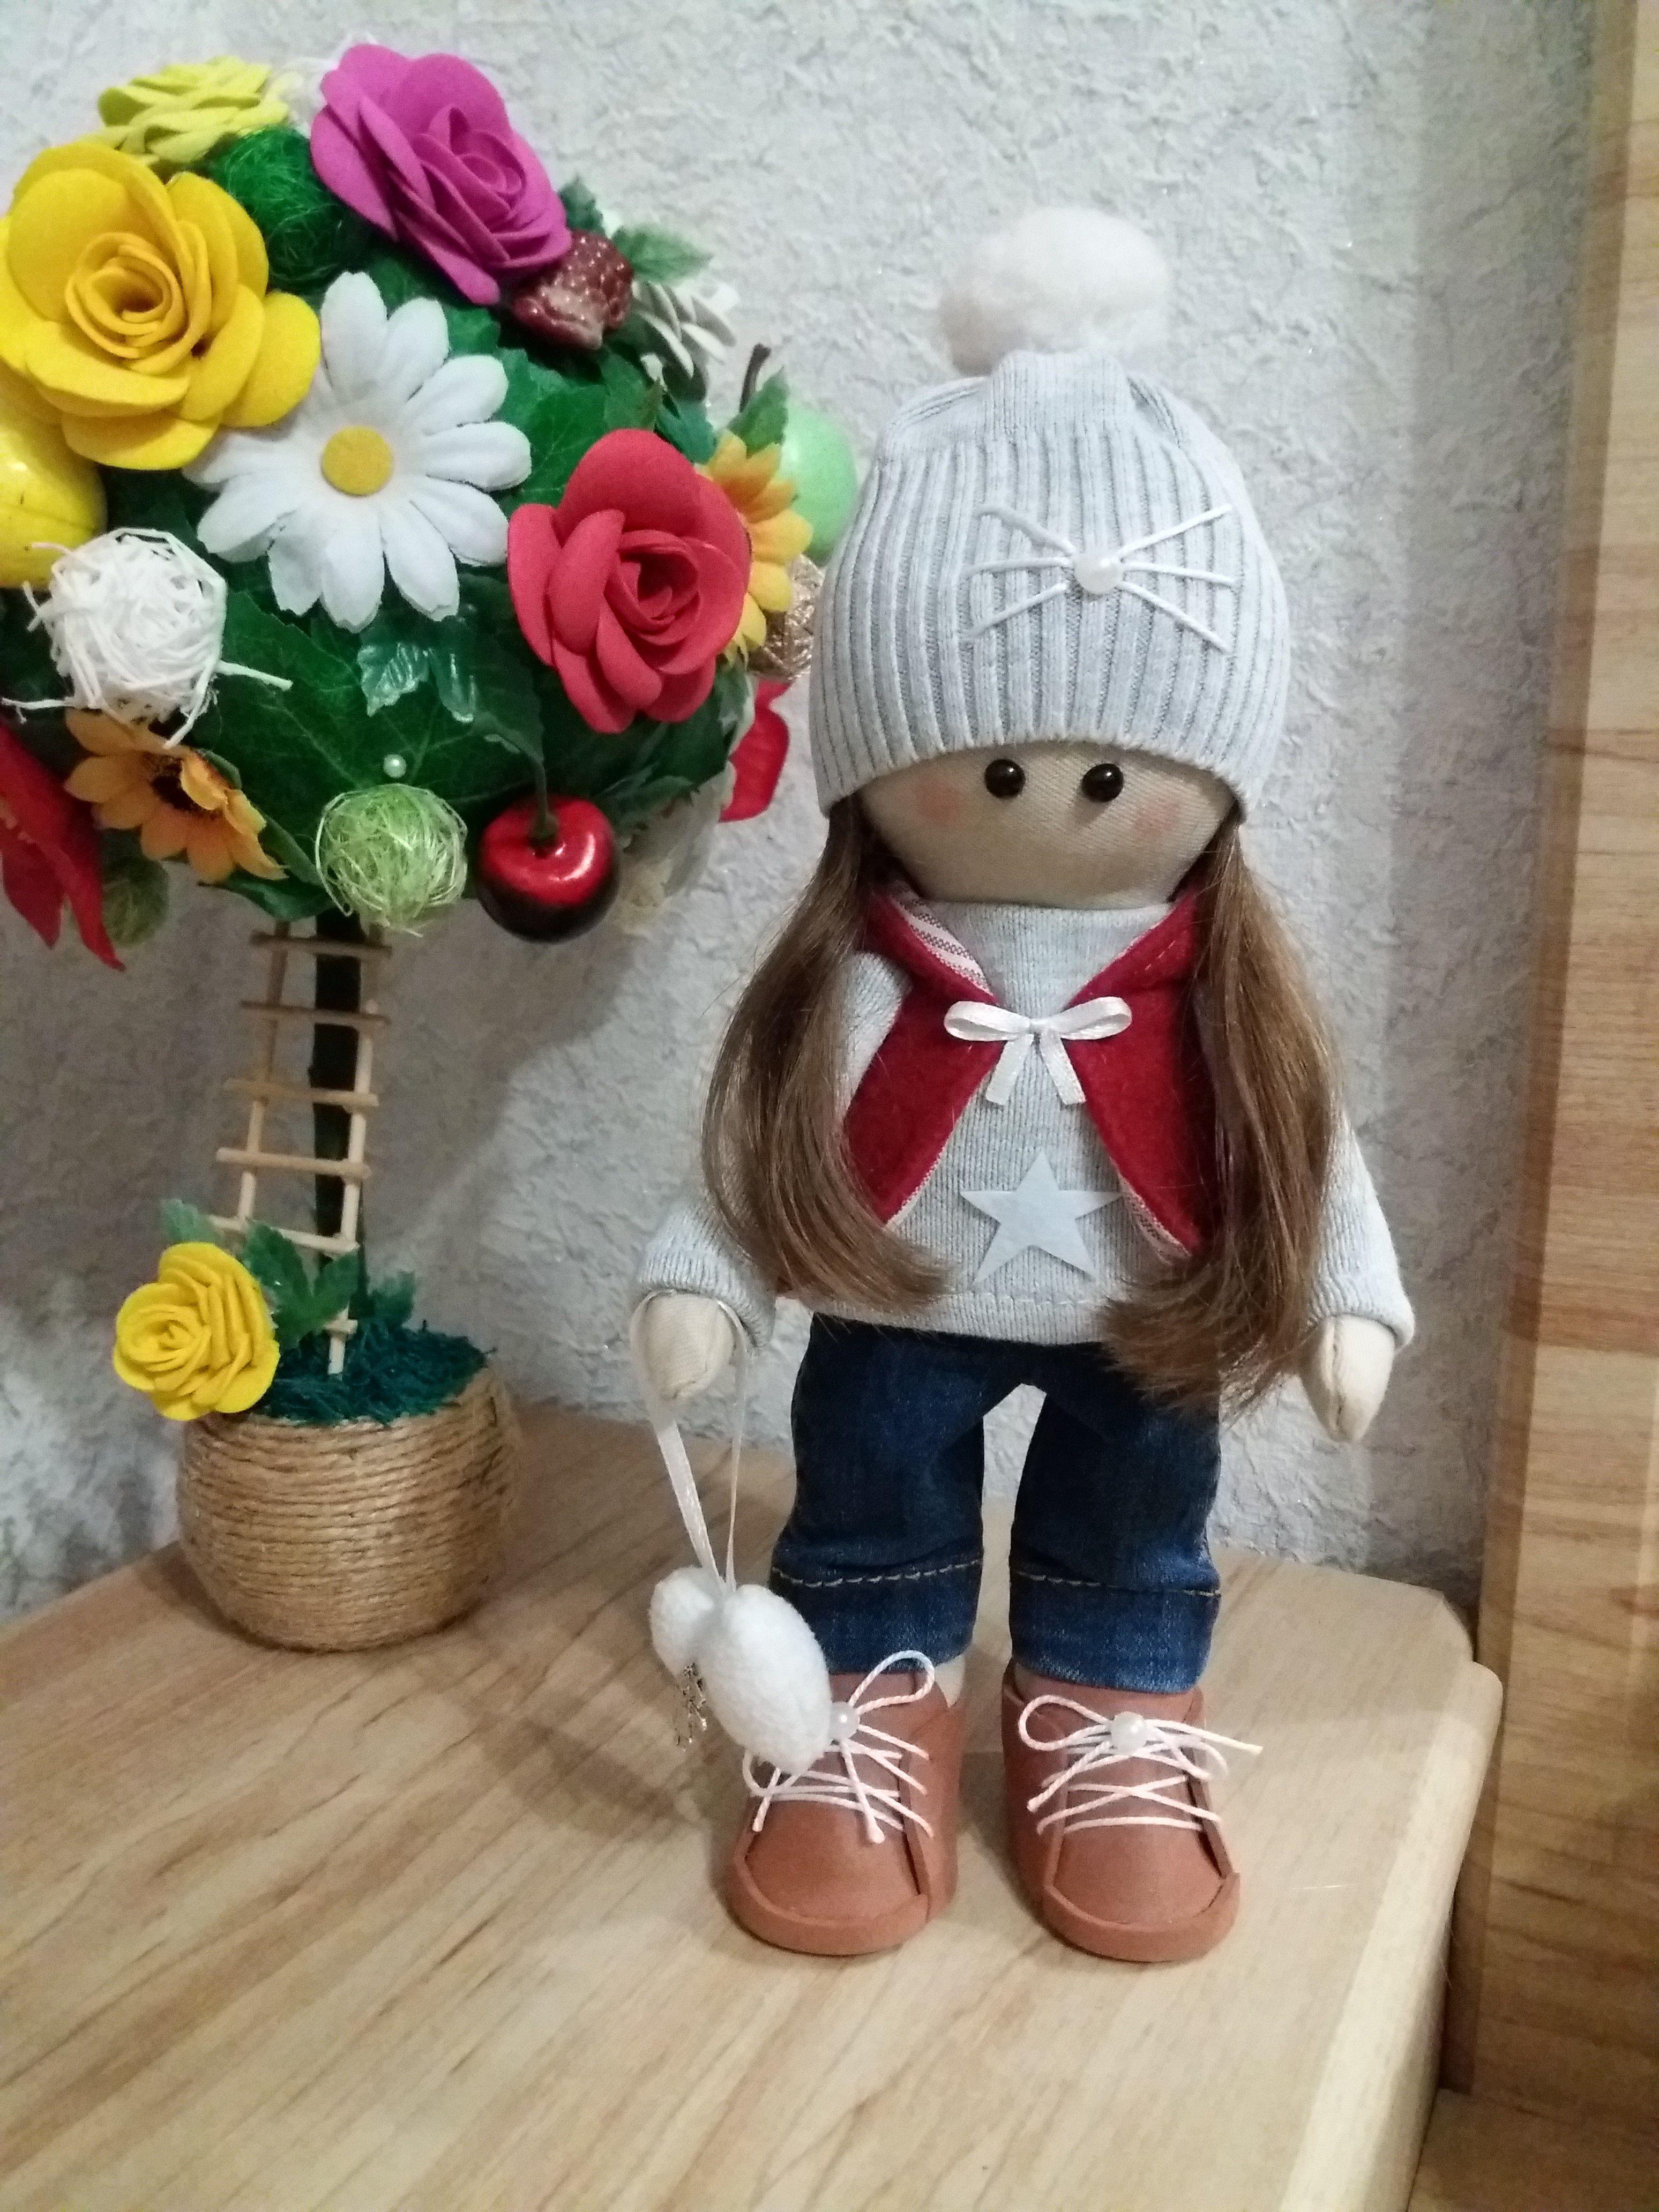 куколка тело любовью одежда ростом стоит самостоятельно обувь снимаются кукольного трикотажа качестве наполнителя используется выполнено холлофайбер безвредный гипоалергенный